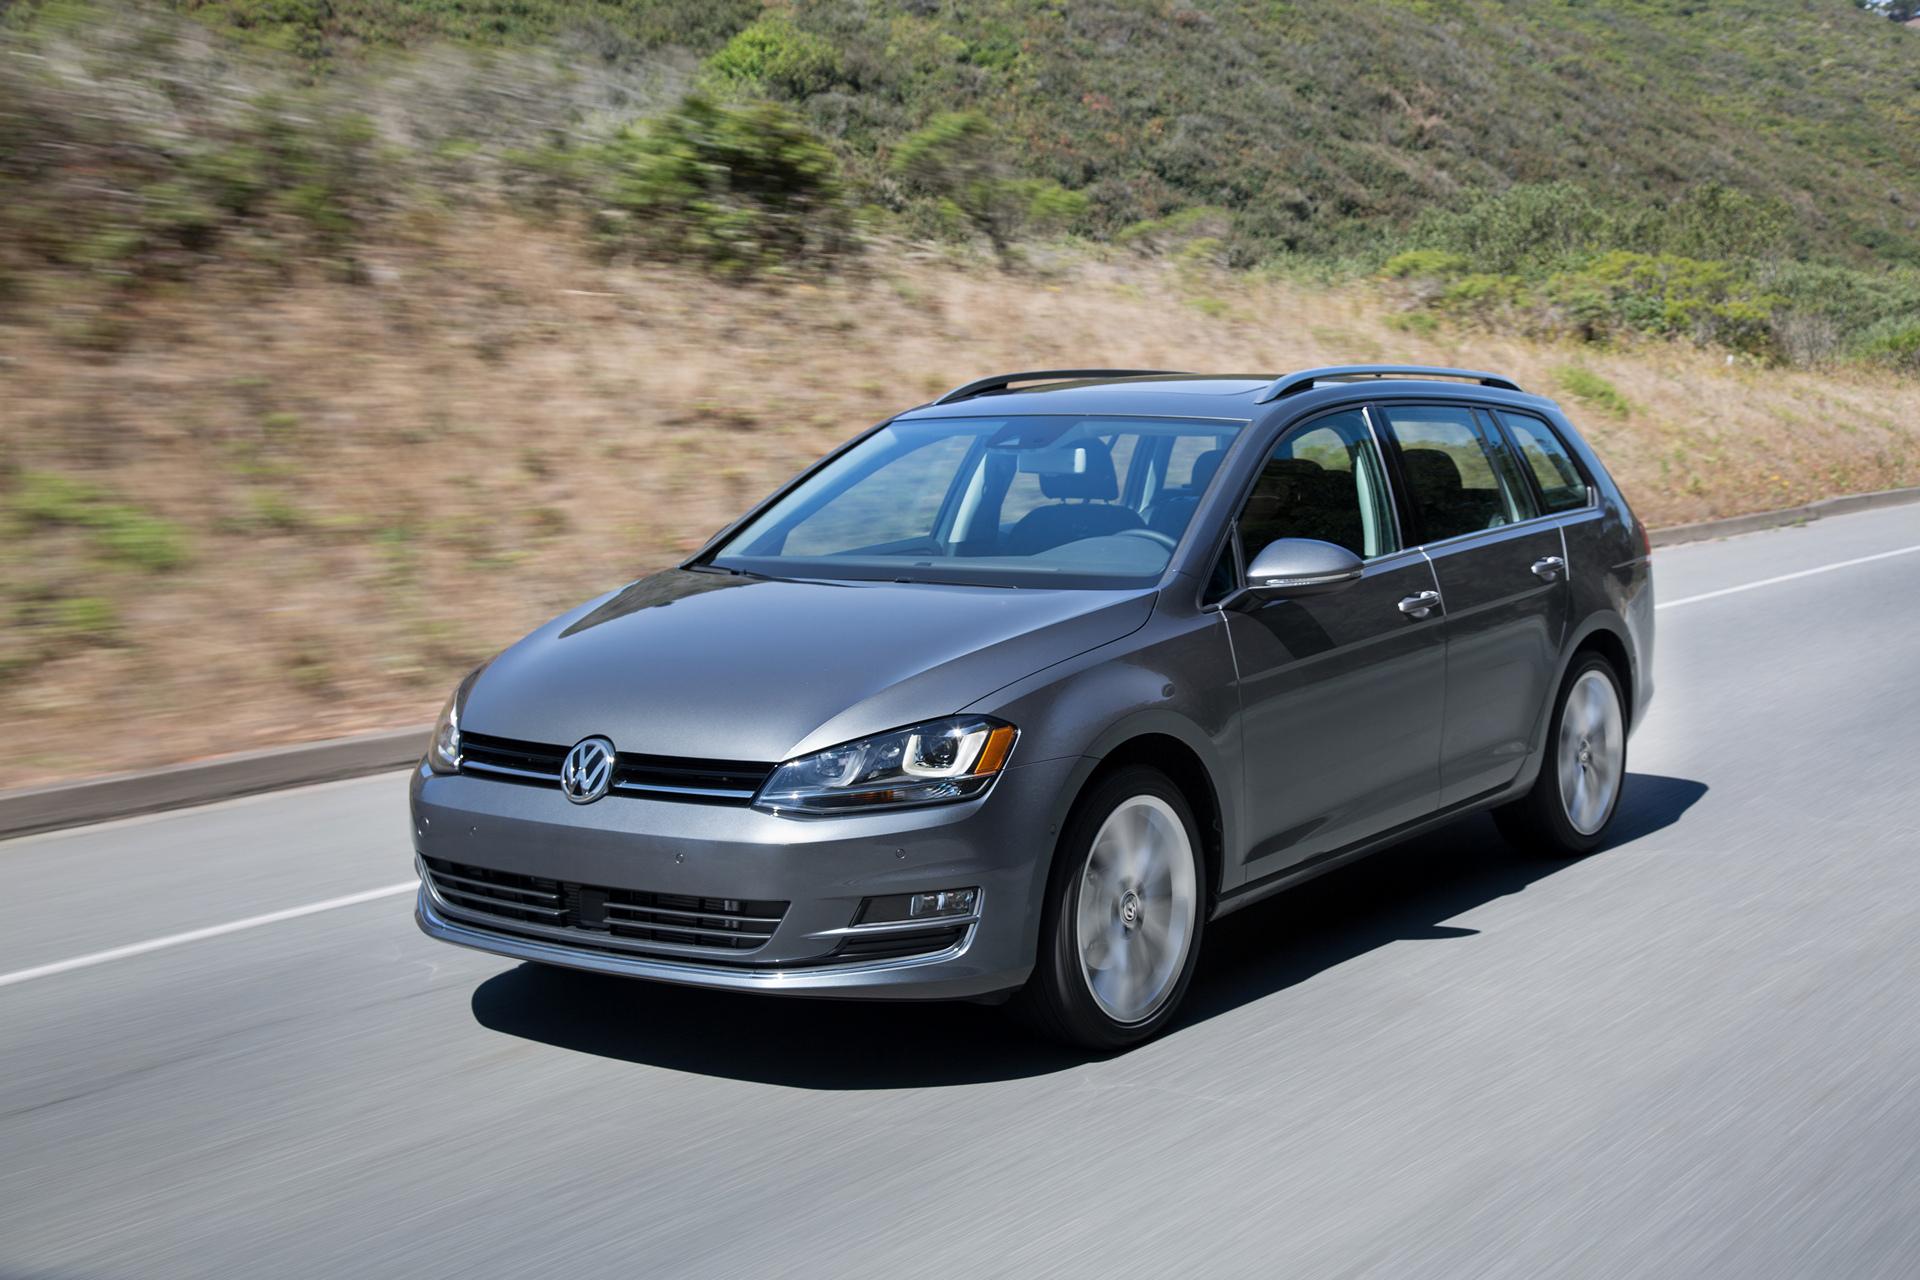 2016 Volkswagen Golf SportWagen © Volkswagen AG